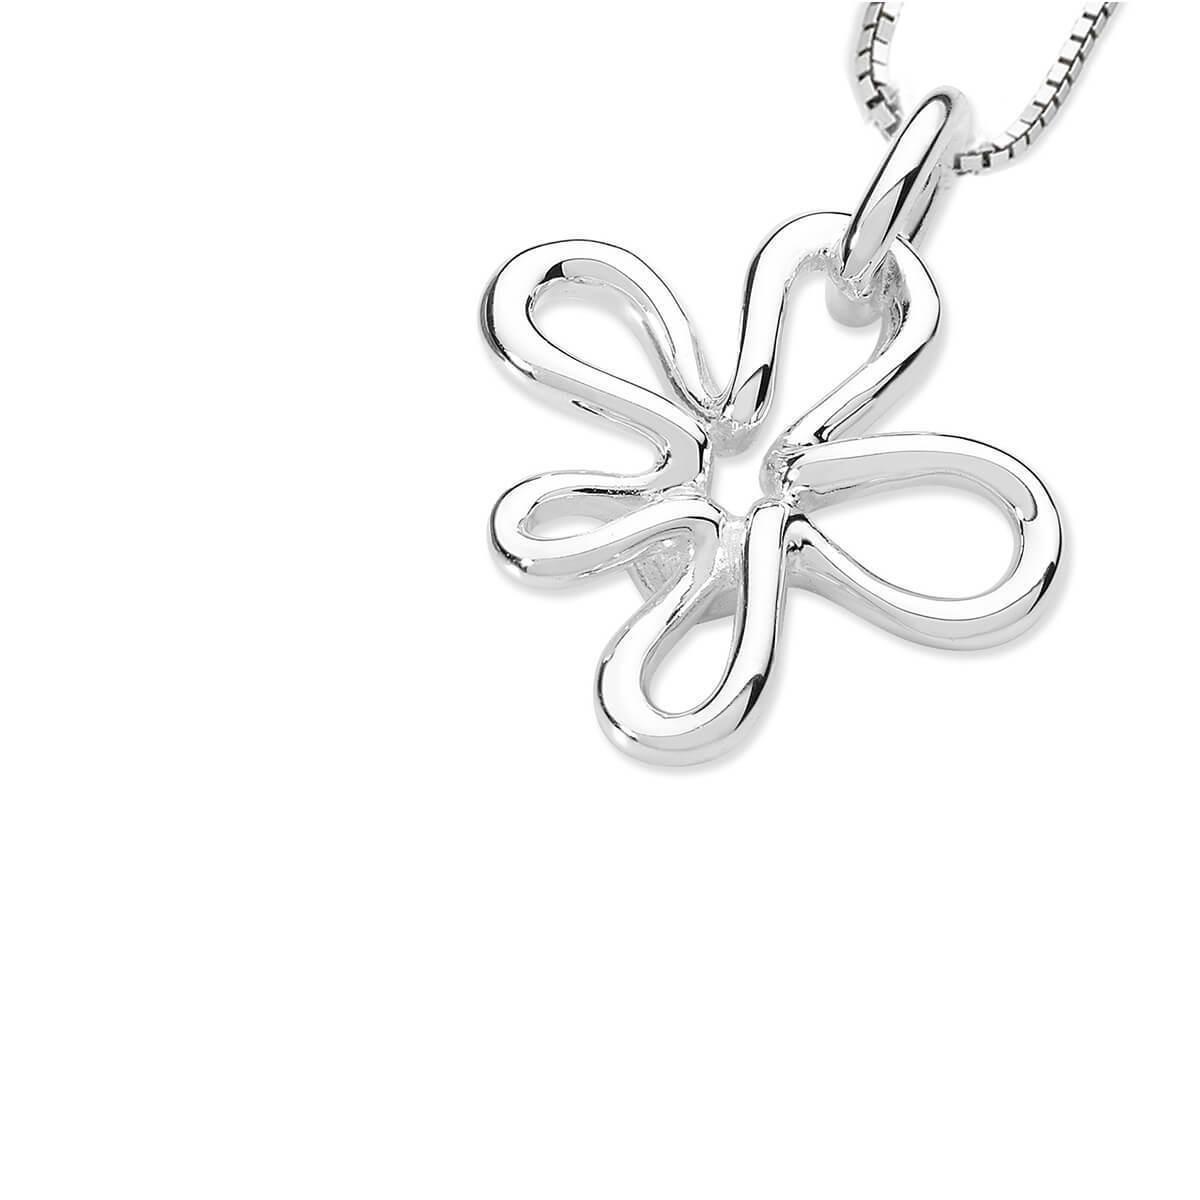 Lucy Quartermaine Mini Splash Necklace 0HRiPe7